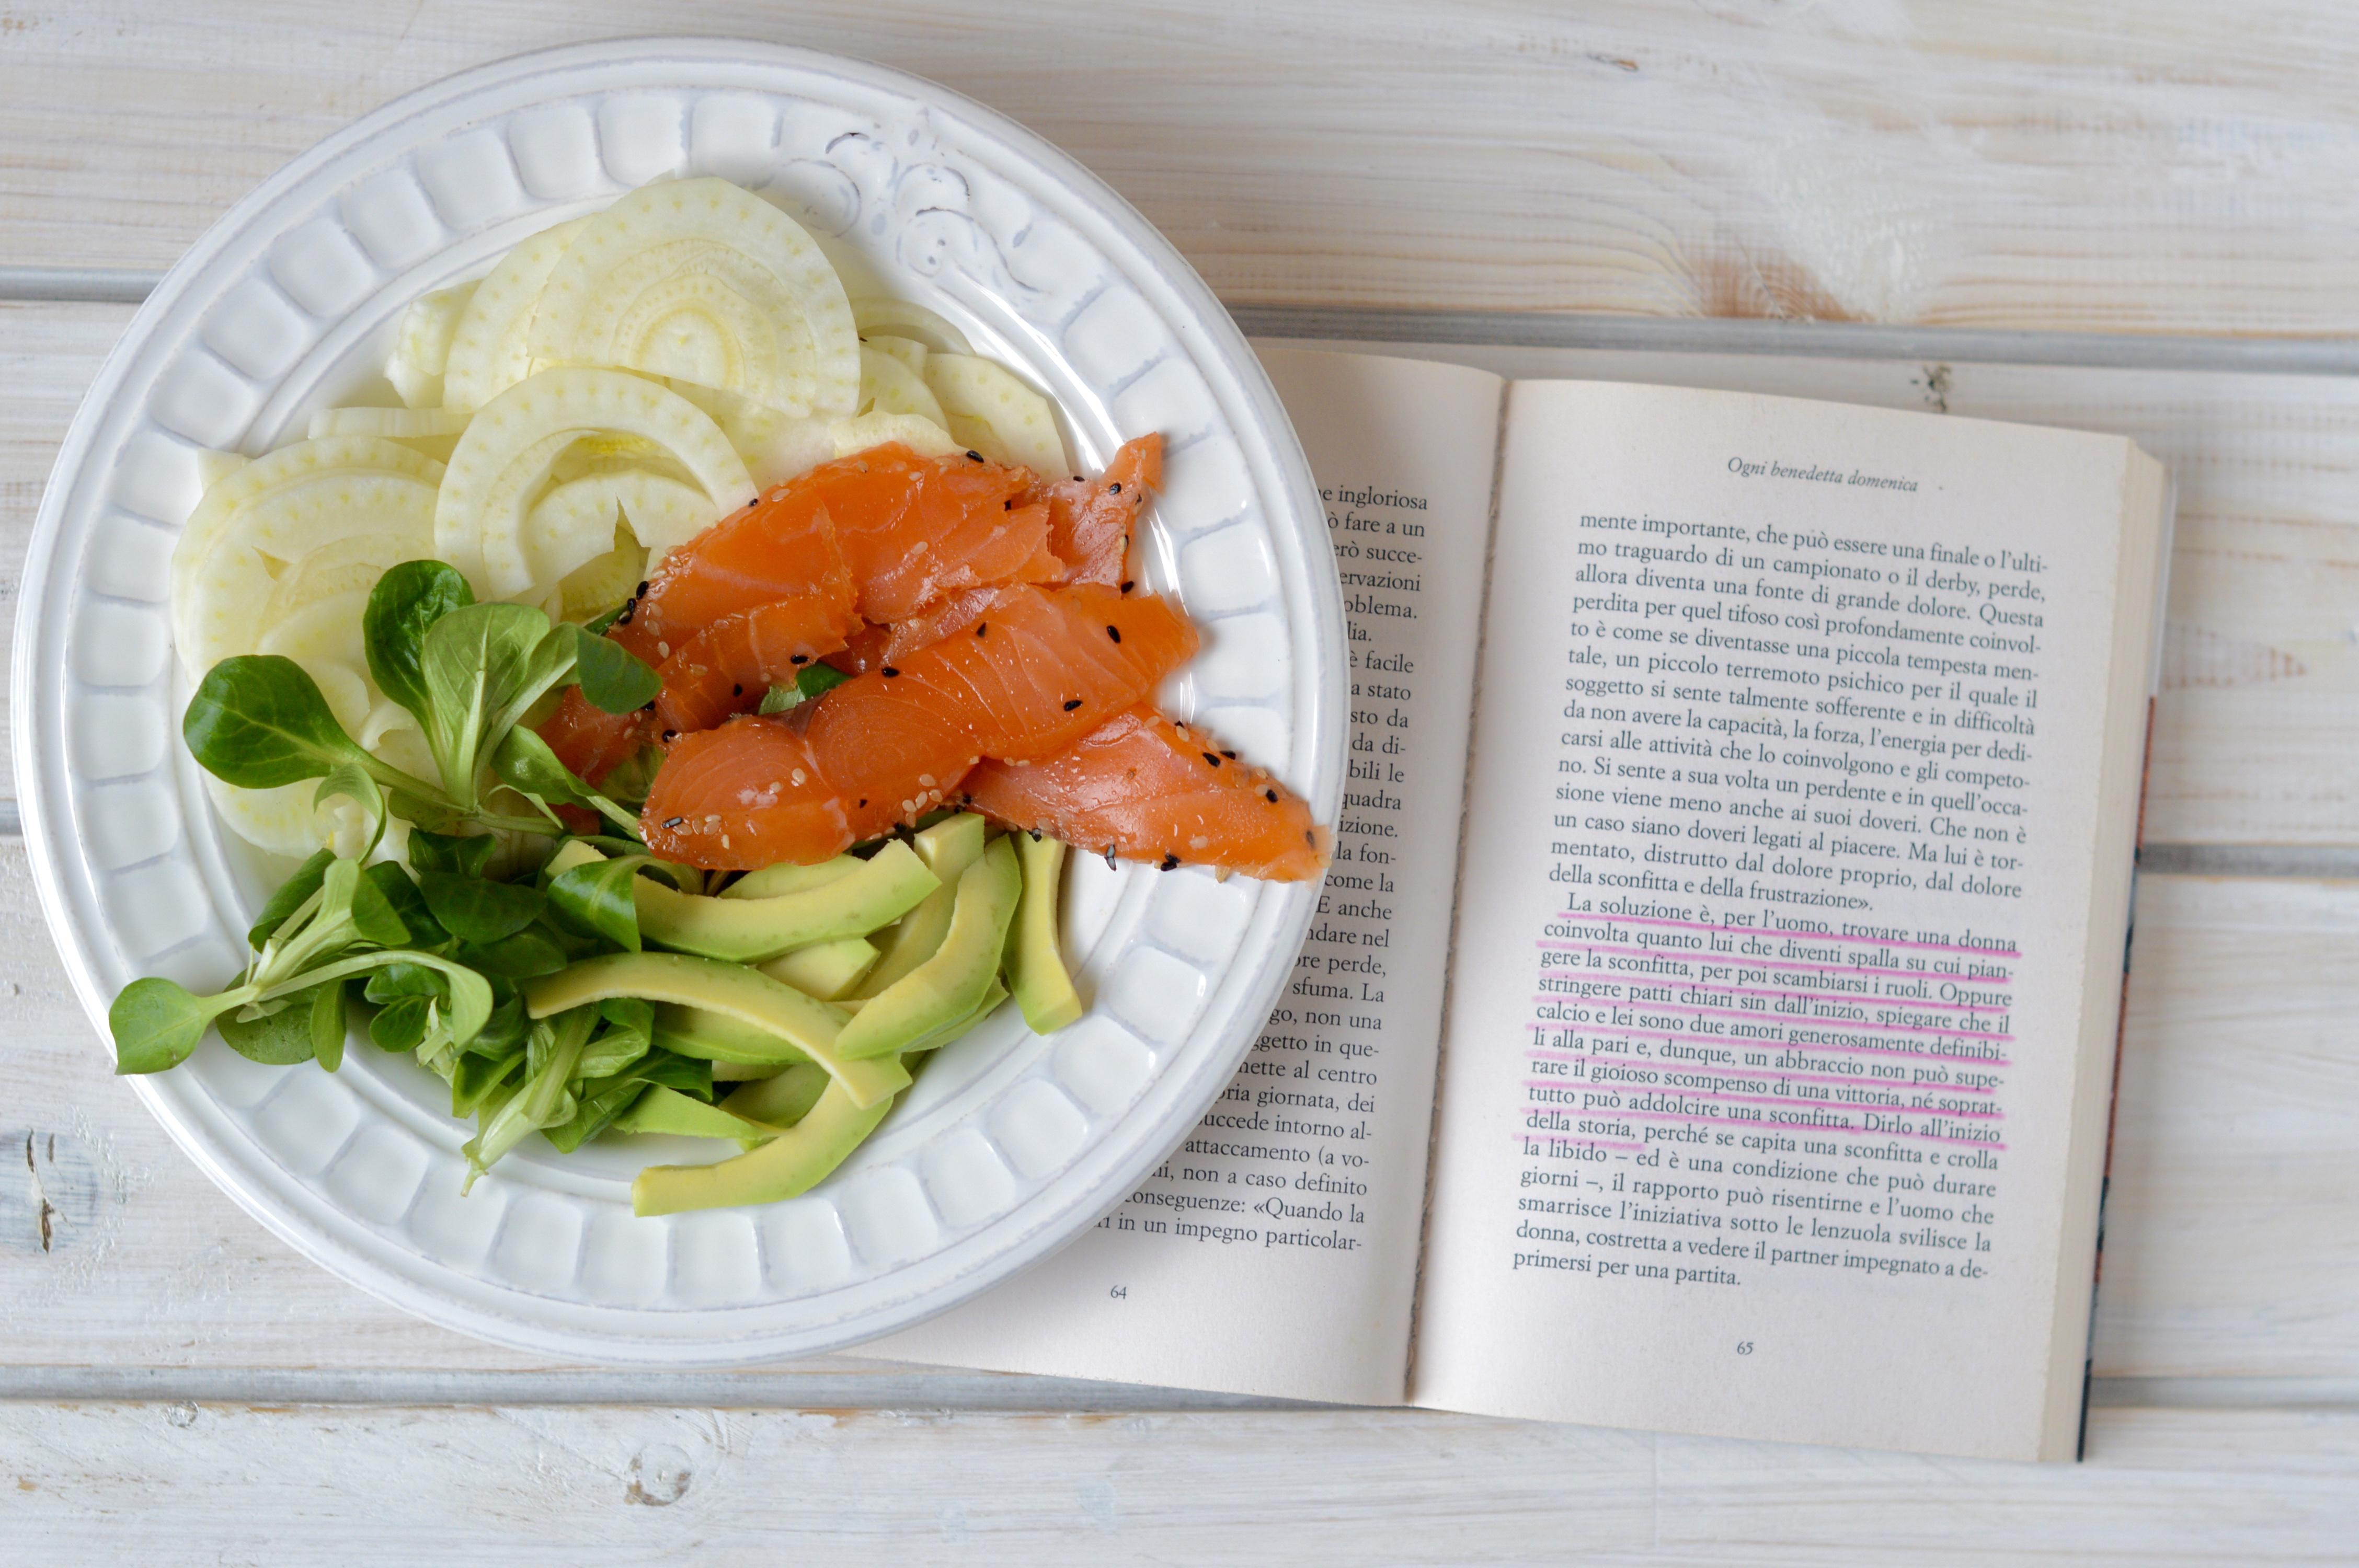 Insalata con salmone, finocchi, songino e avocado